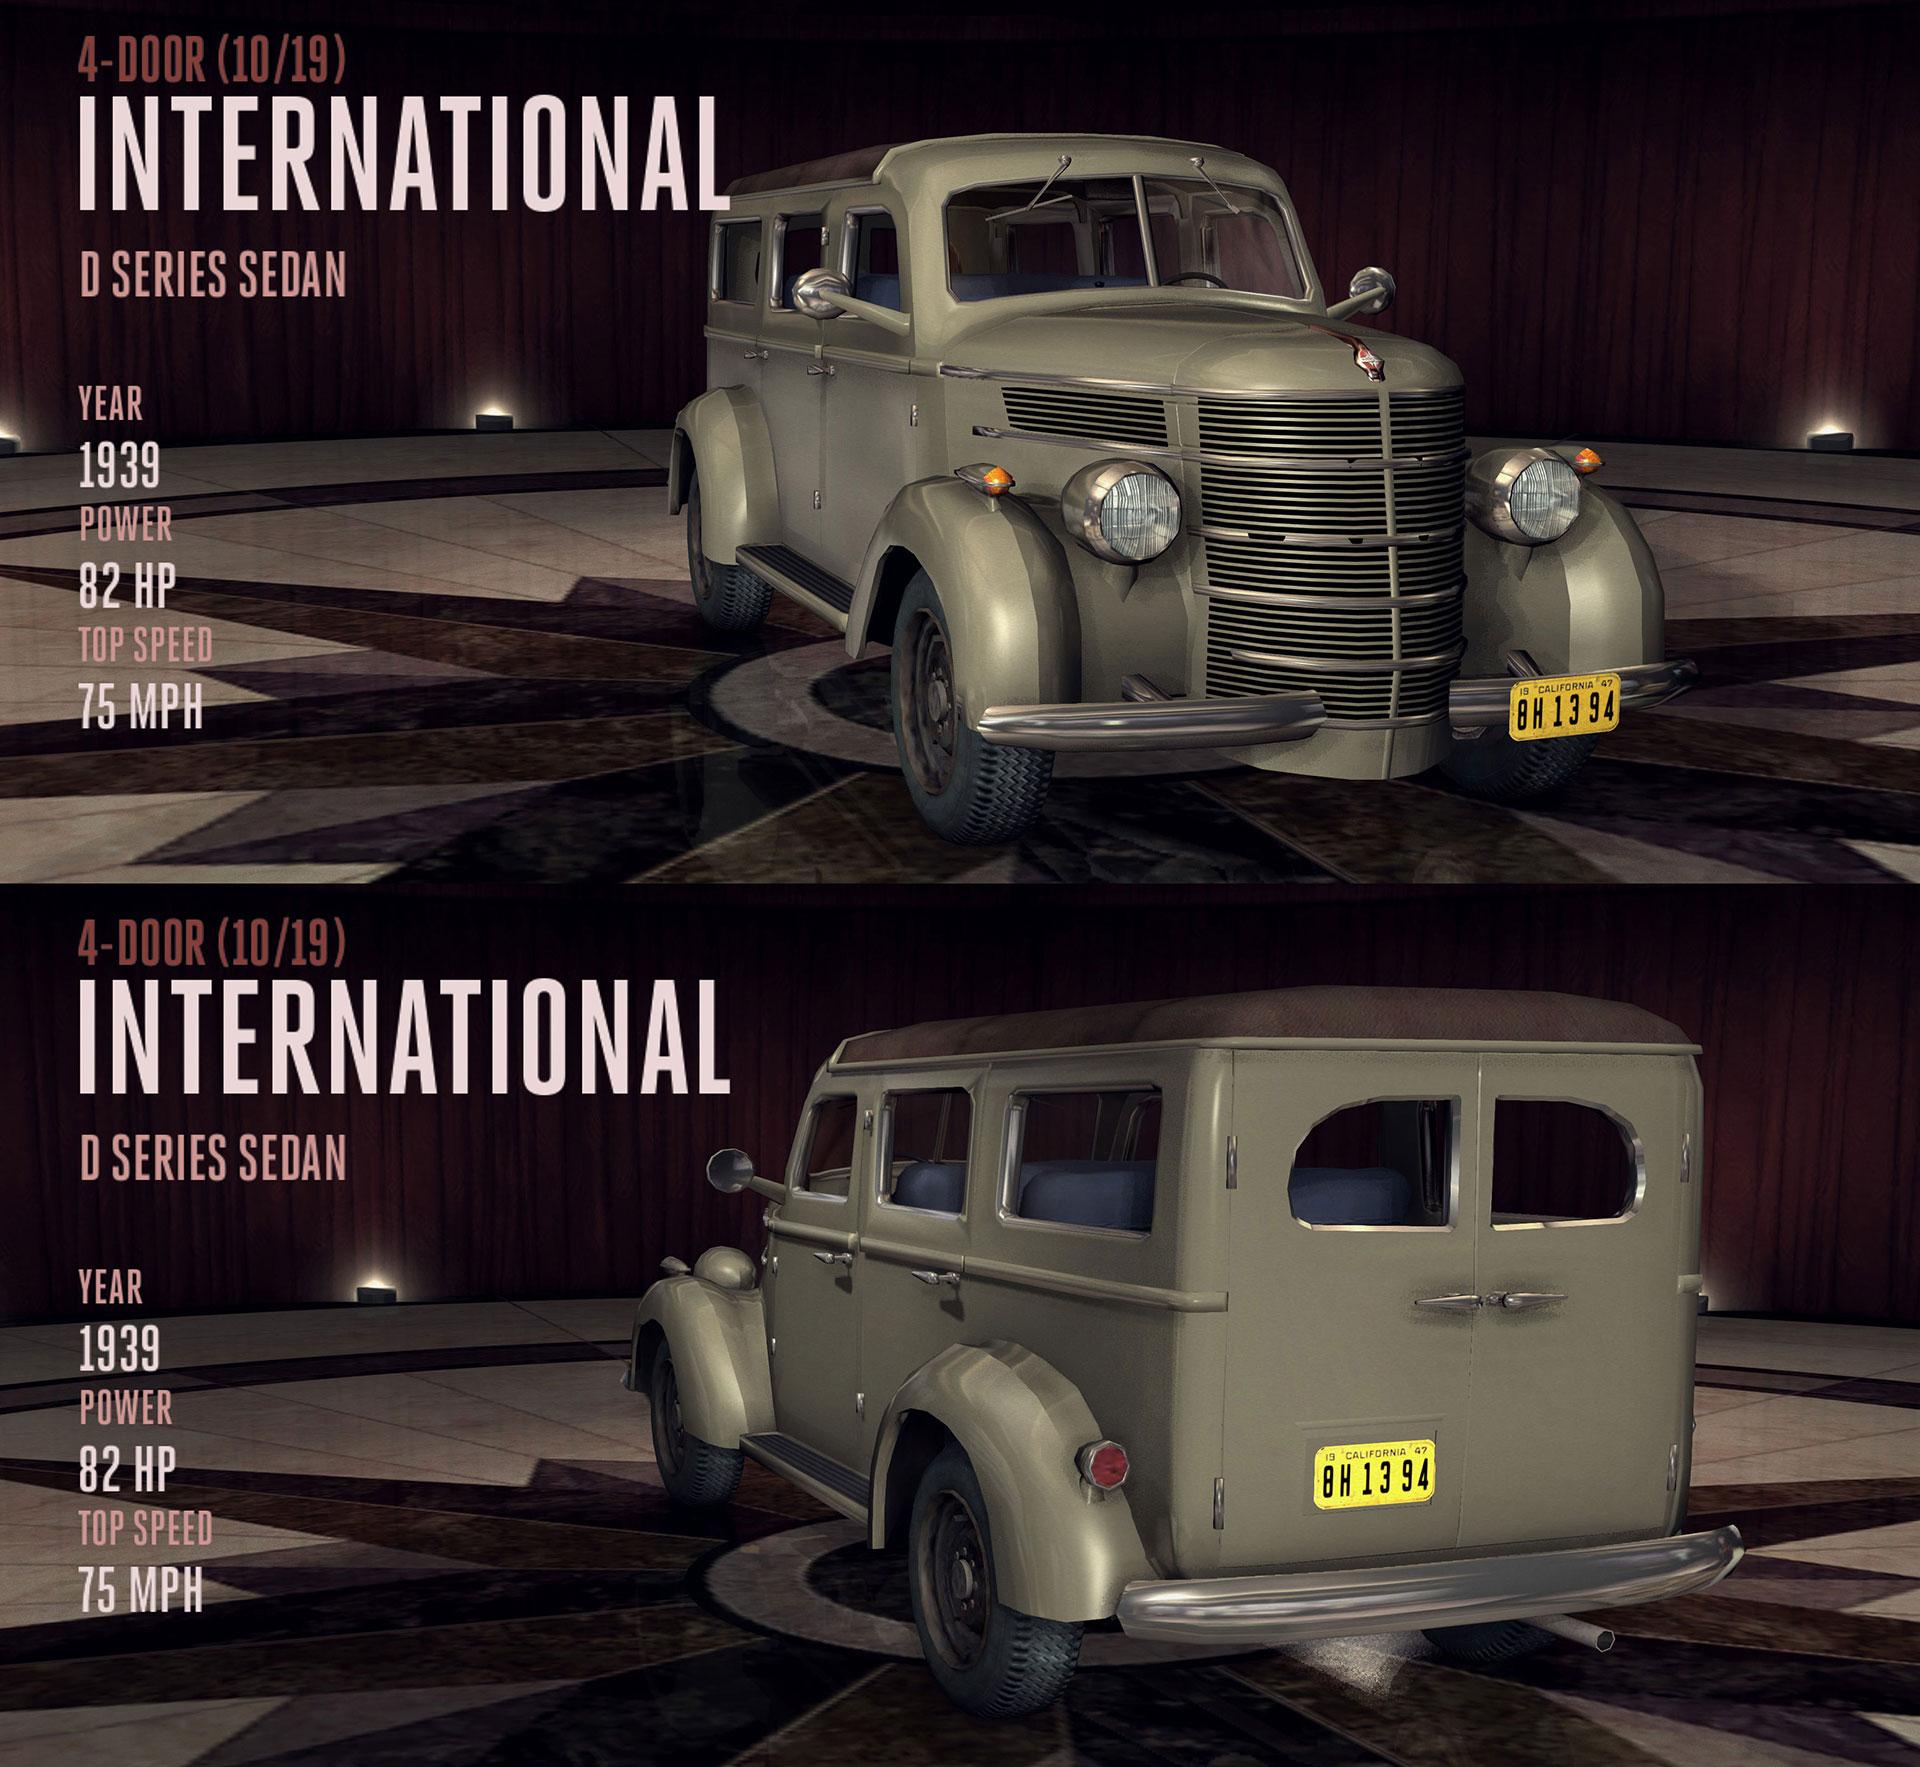 Archivo:1939-international-d-series-sedan.jpg